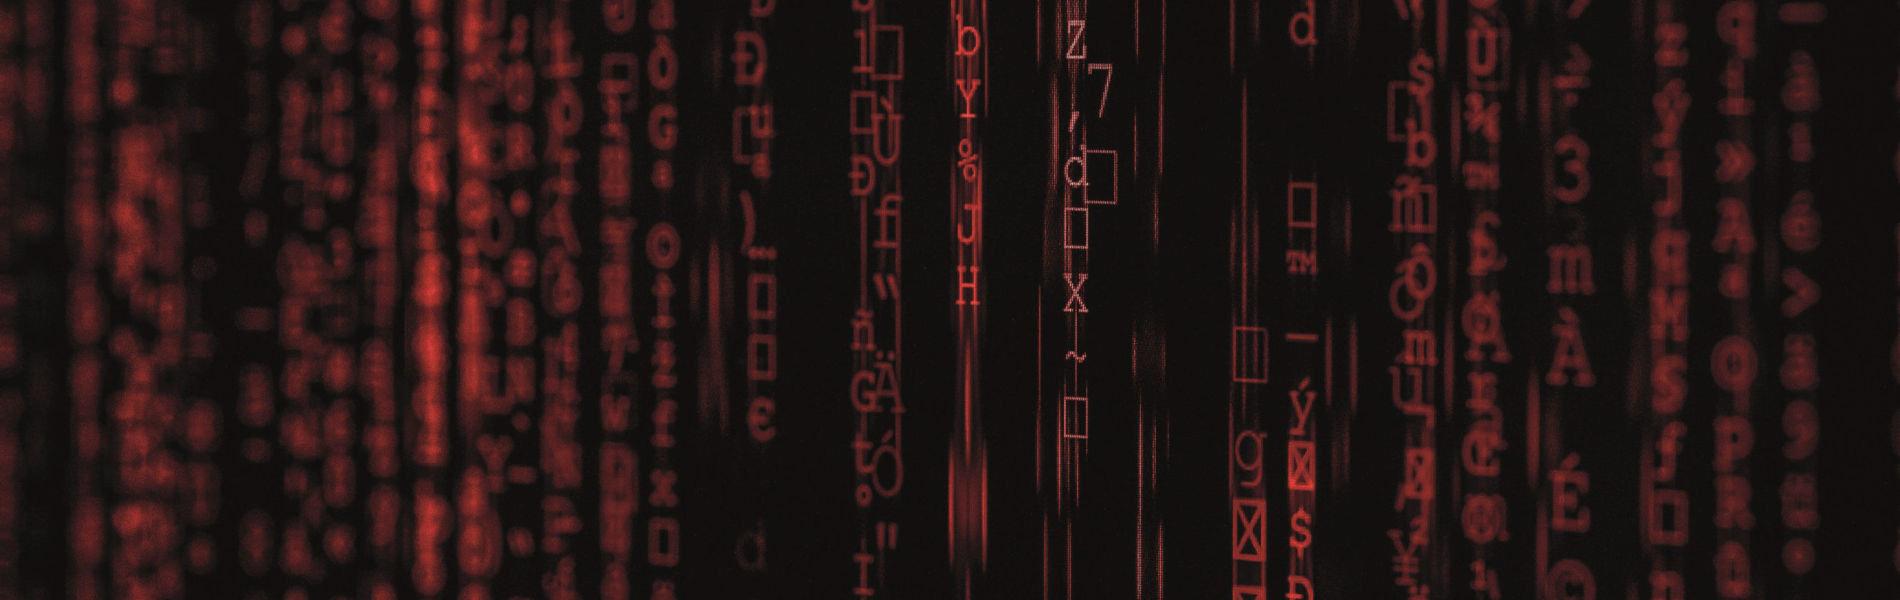 Prozess Digitalisierung